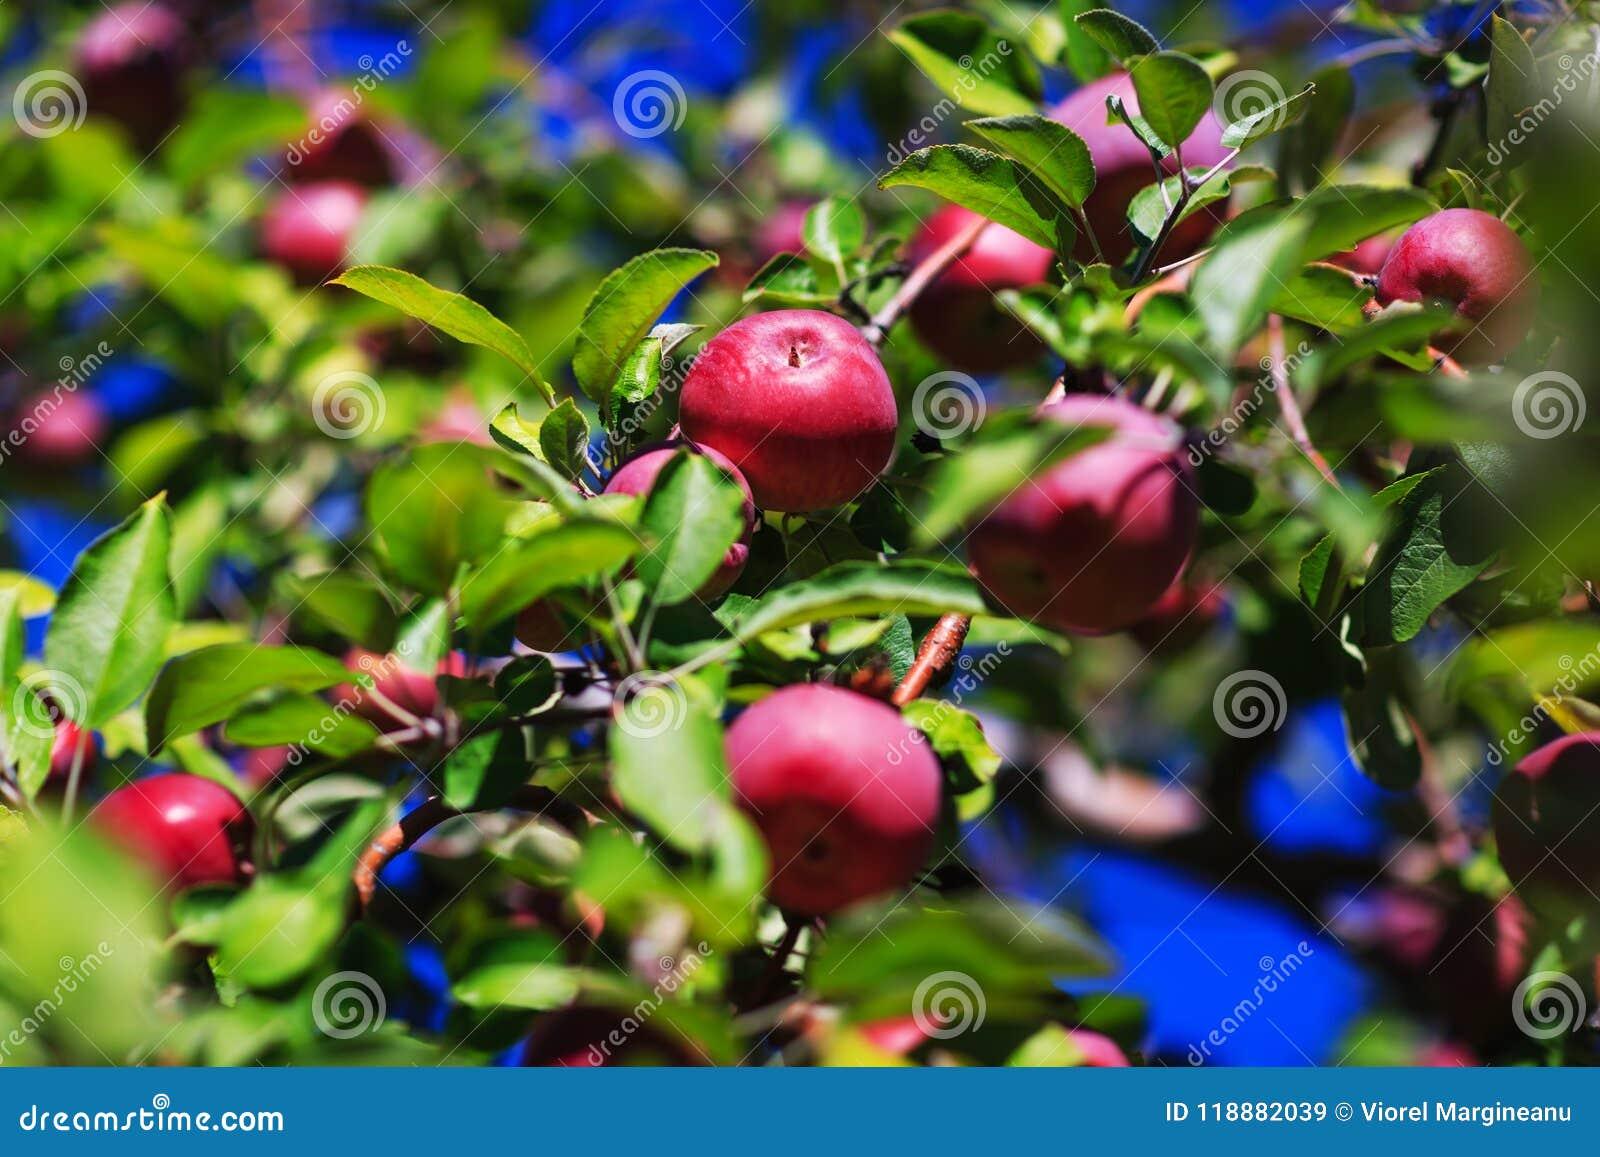 Maçãs orgânicas vermelhas que penduram de um ramo de árvore em uma maçã do outono